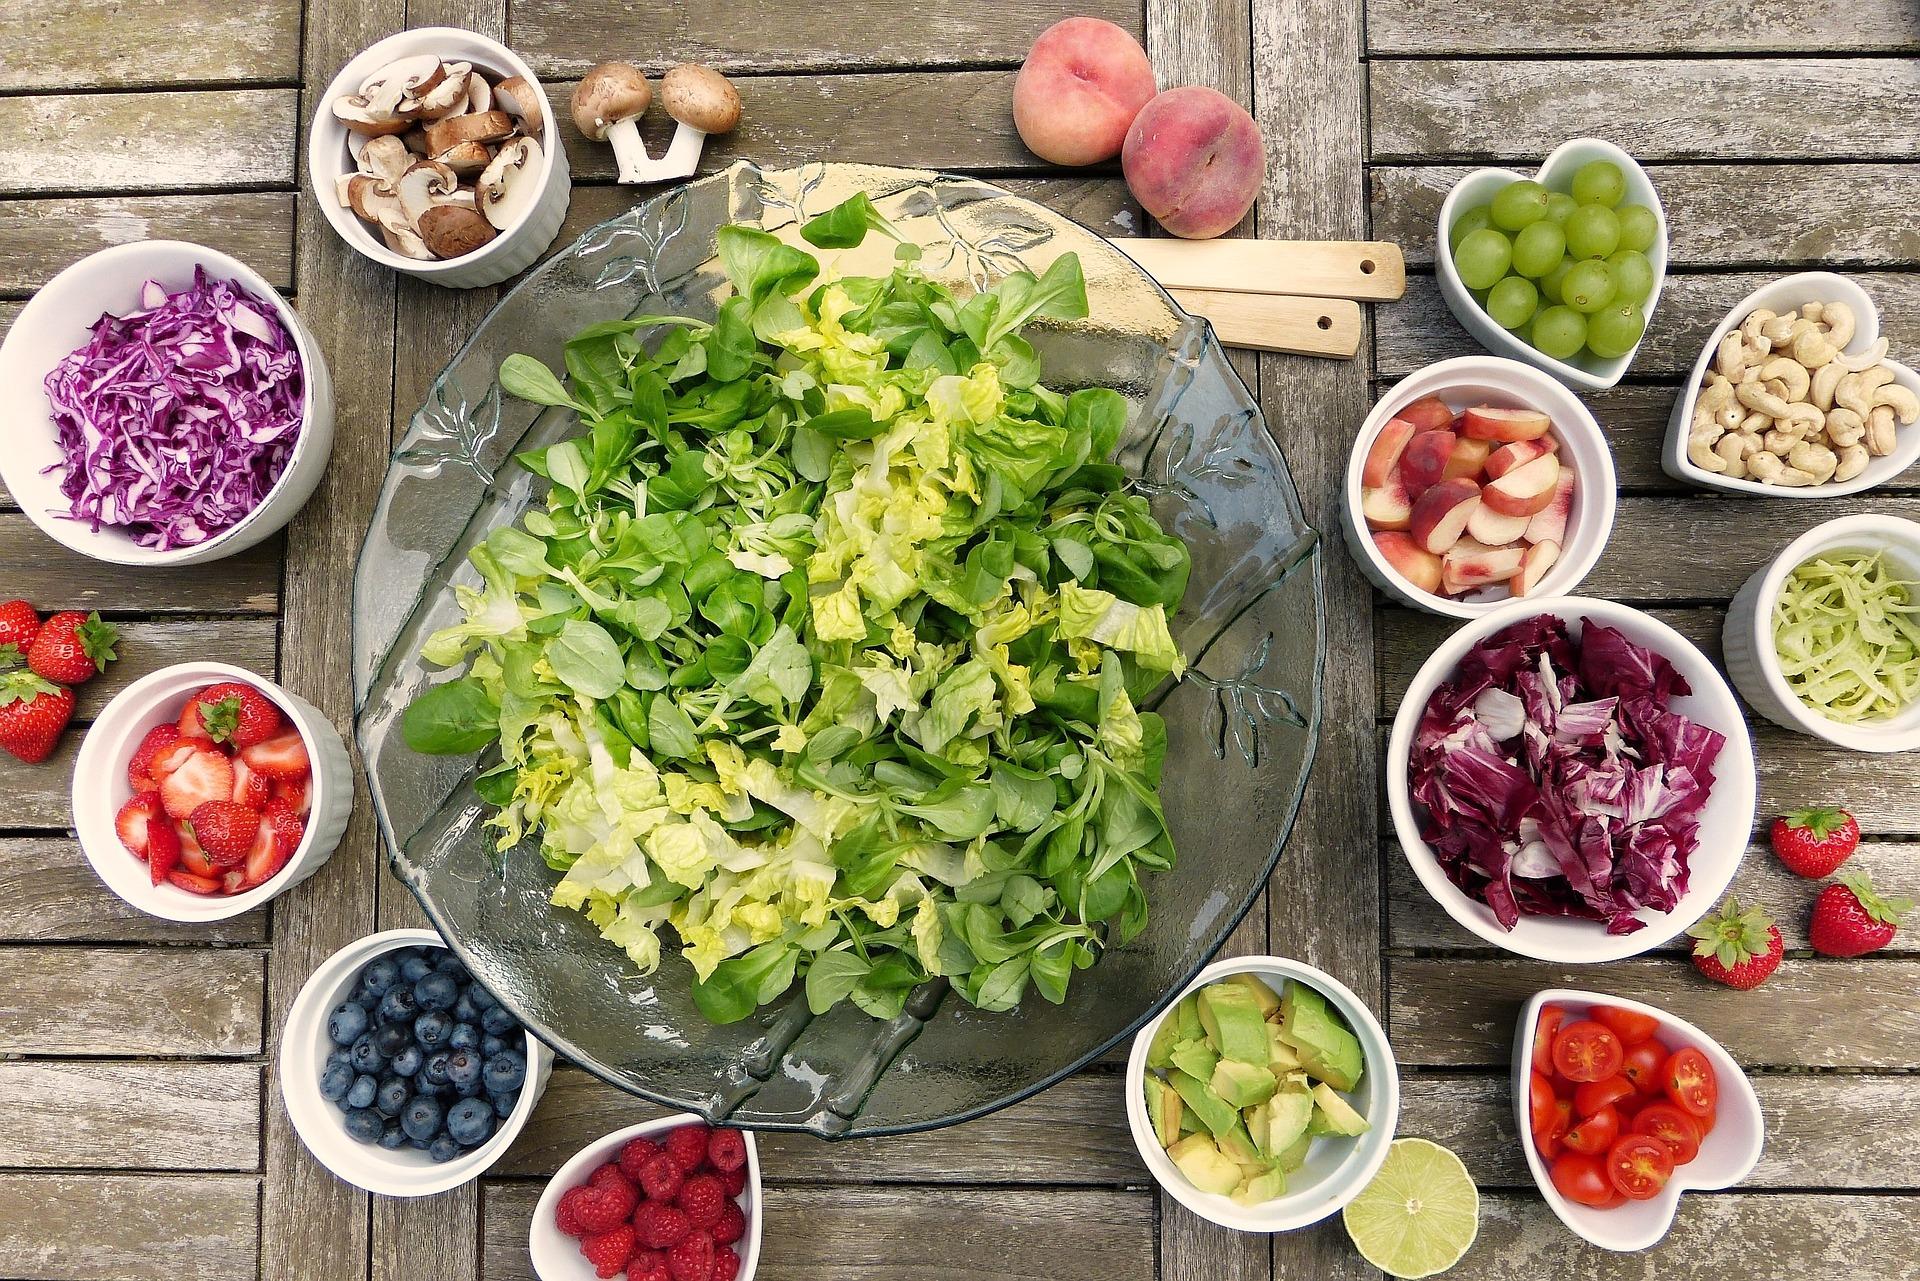 Dystrybucja dodatków do żywności – jakie składniki są stosowane w różnych branżach?